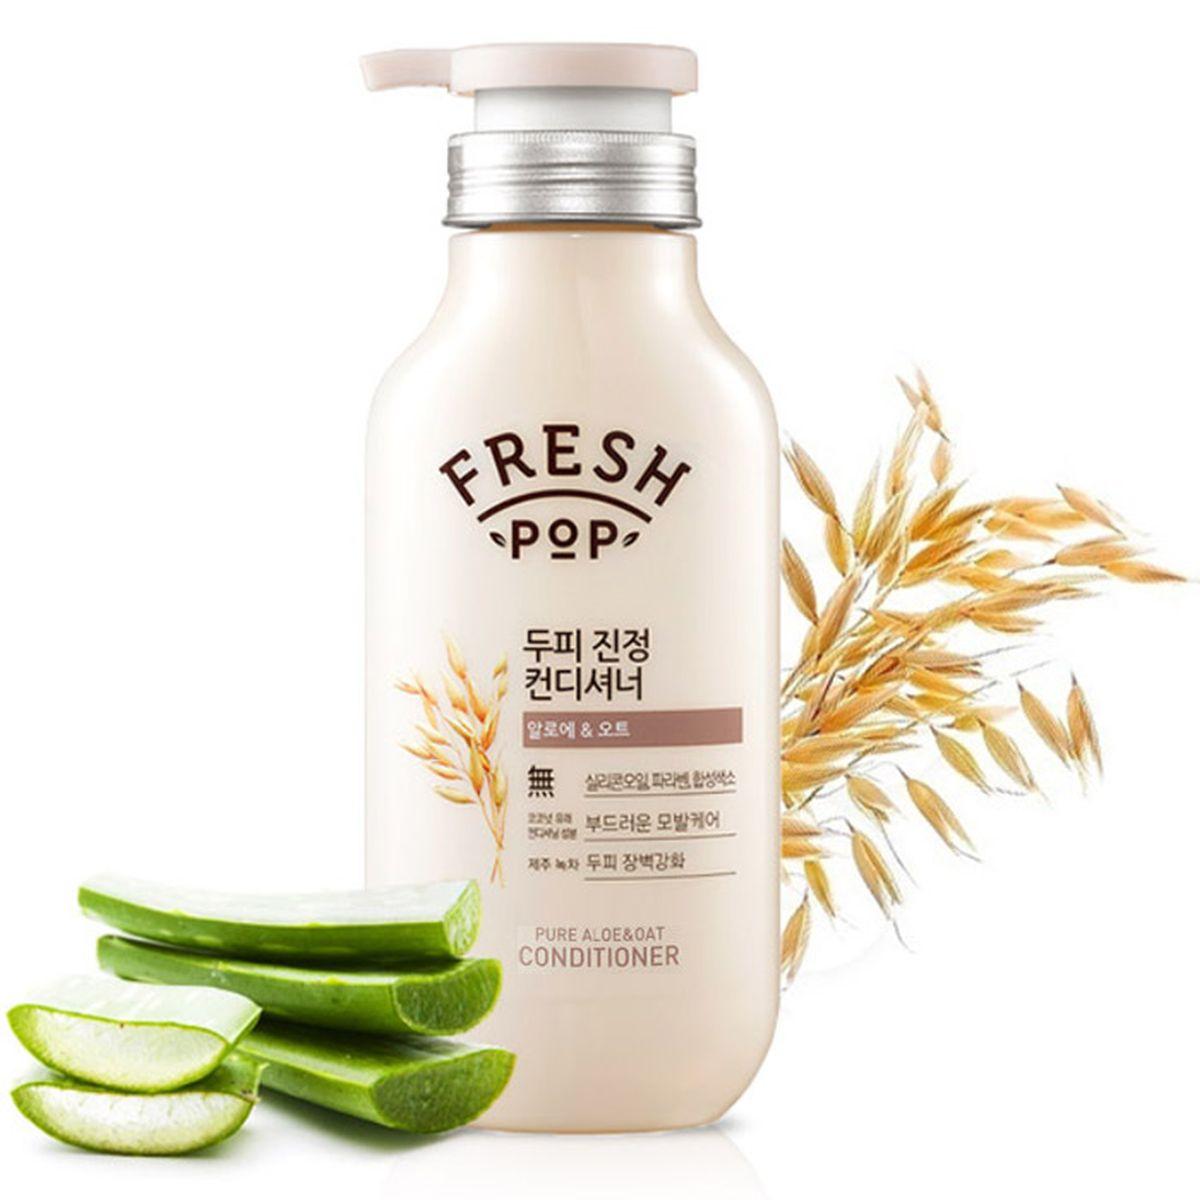 Кондиционер для чувствительной кожи головы Fresh Pop Pure Aloe - Oat Conditioner - 500 мл